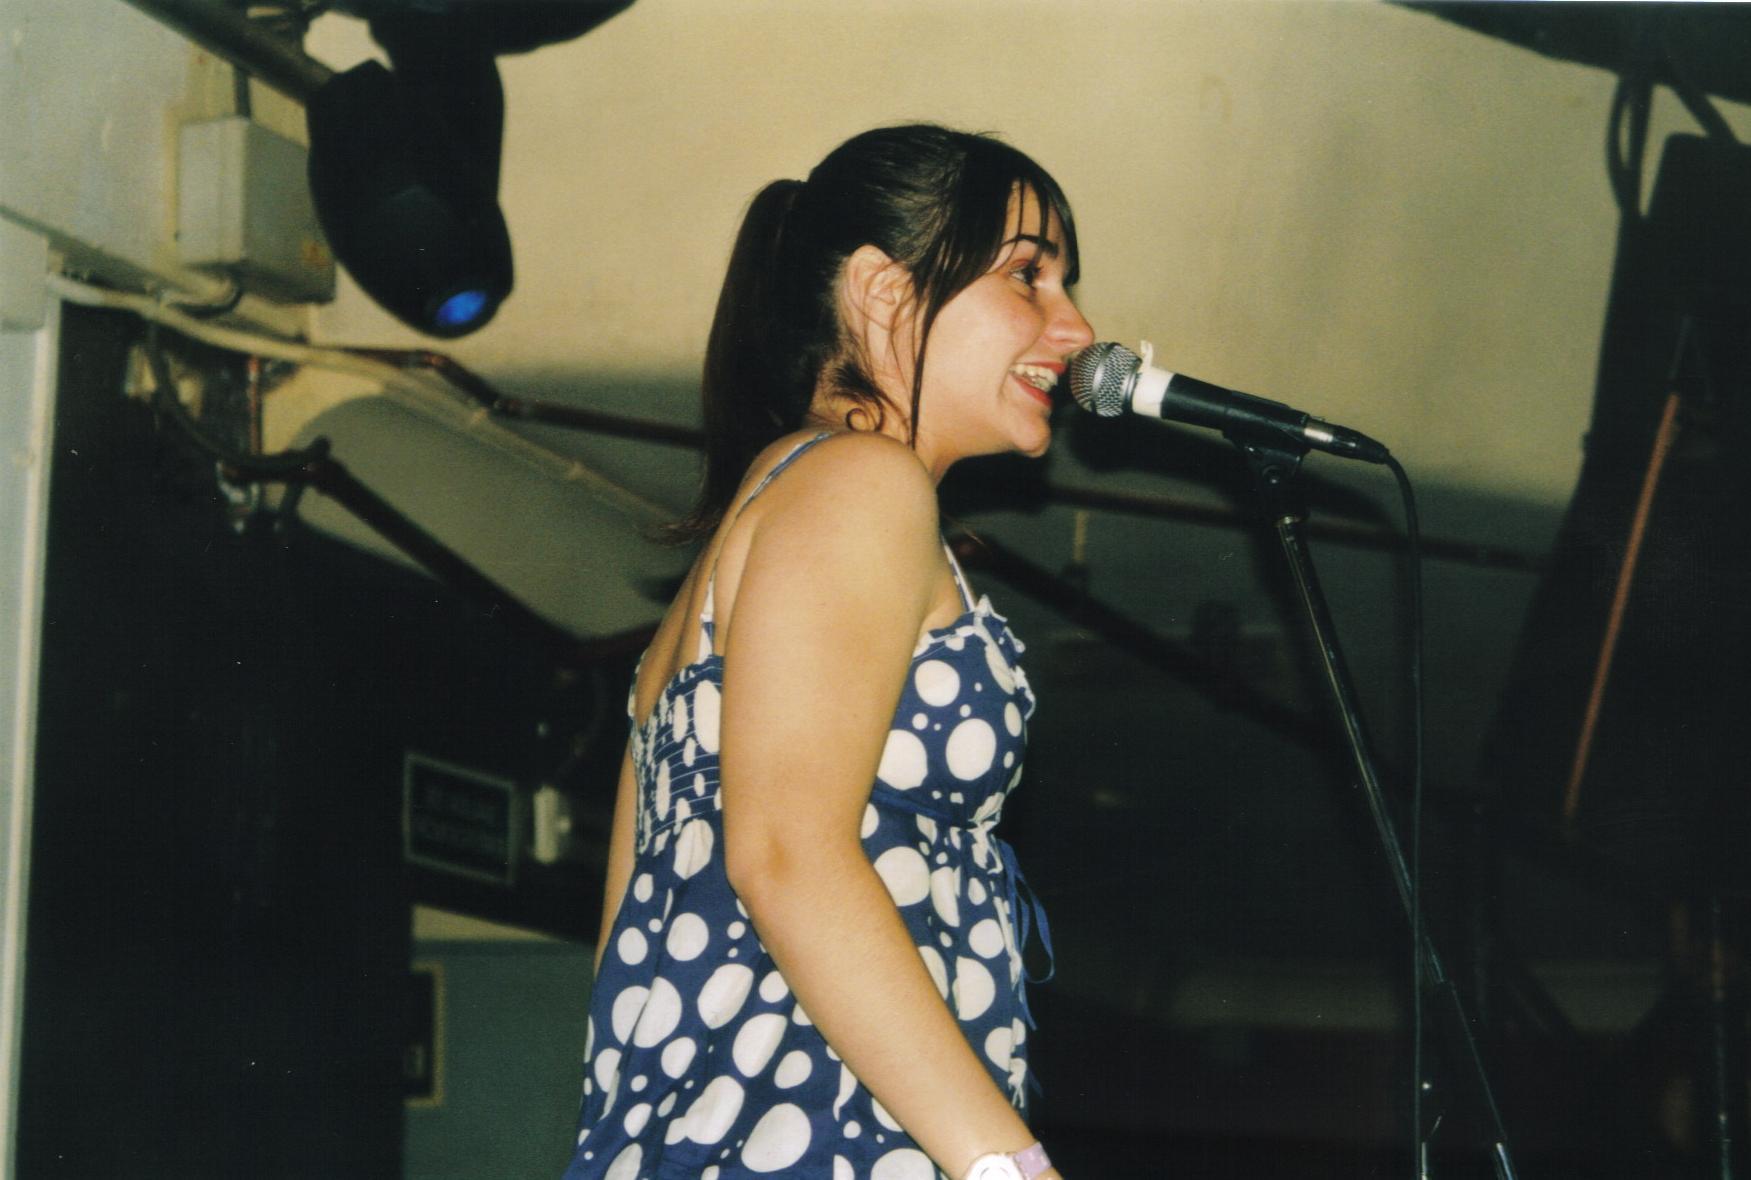 Crónica de la presentación del ContemPOPranea 2008 en el Ocho-y-medio: Salvados por La Monja Enena